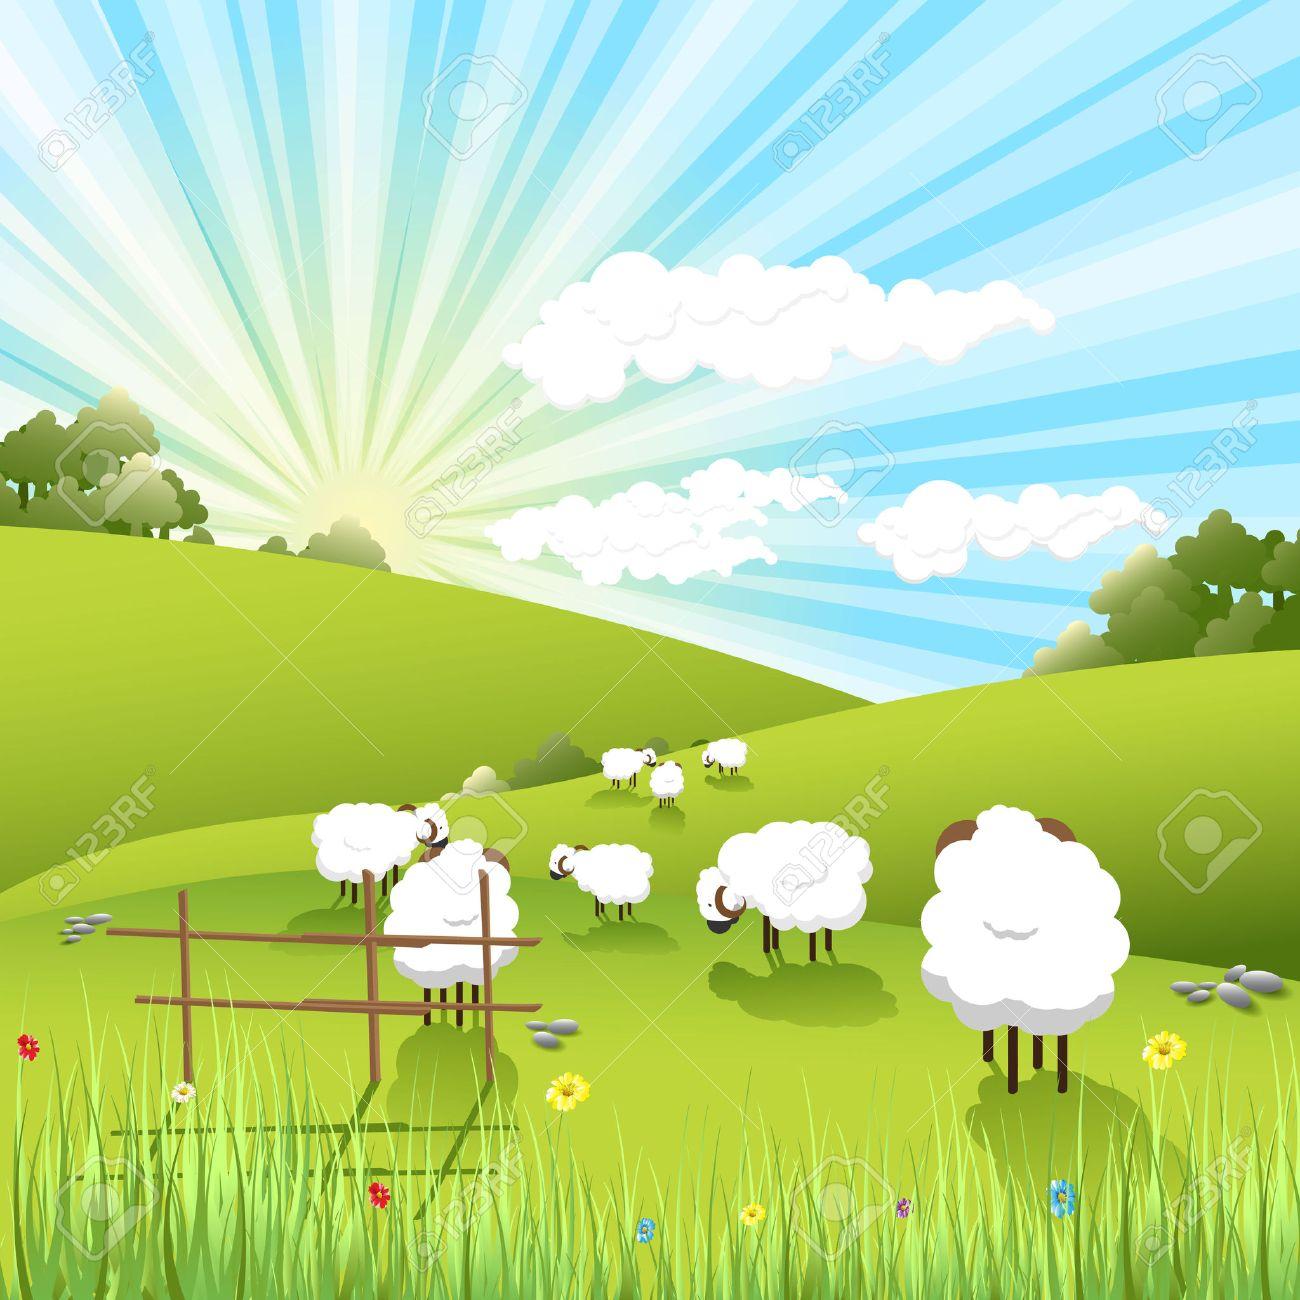 sheeps - 7359772